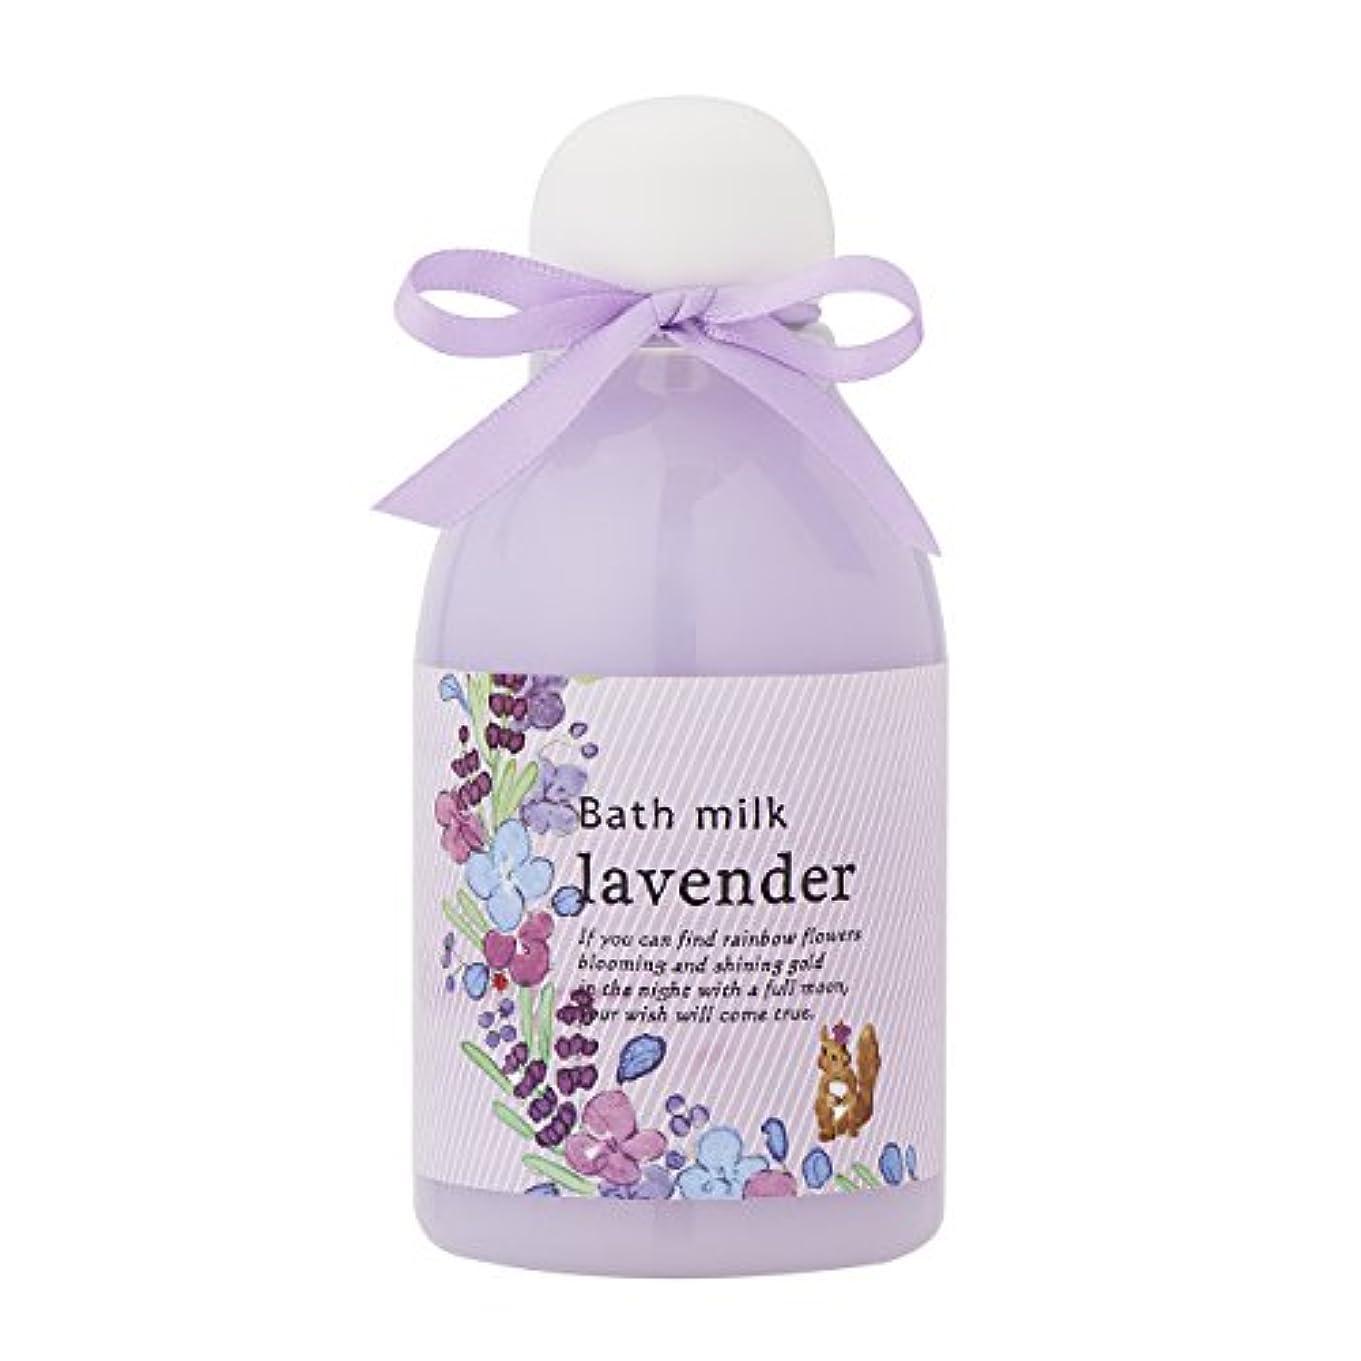 代わりにを立てる技術的なアンビエントサンハーブ バスミルク ラベンダー 200ml(バブルバスタイプ入浴料 泡風呂 ふわっと爽やかなラベンダーの香り)